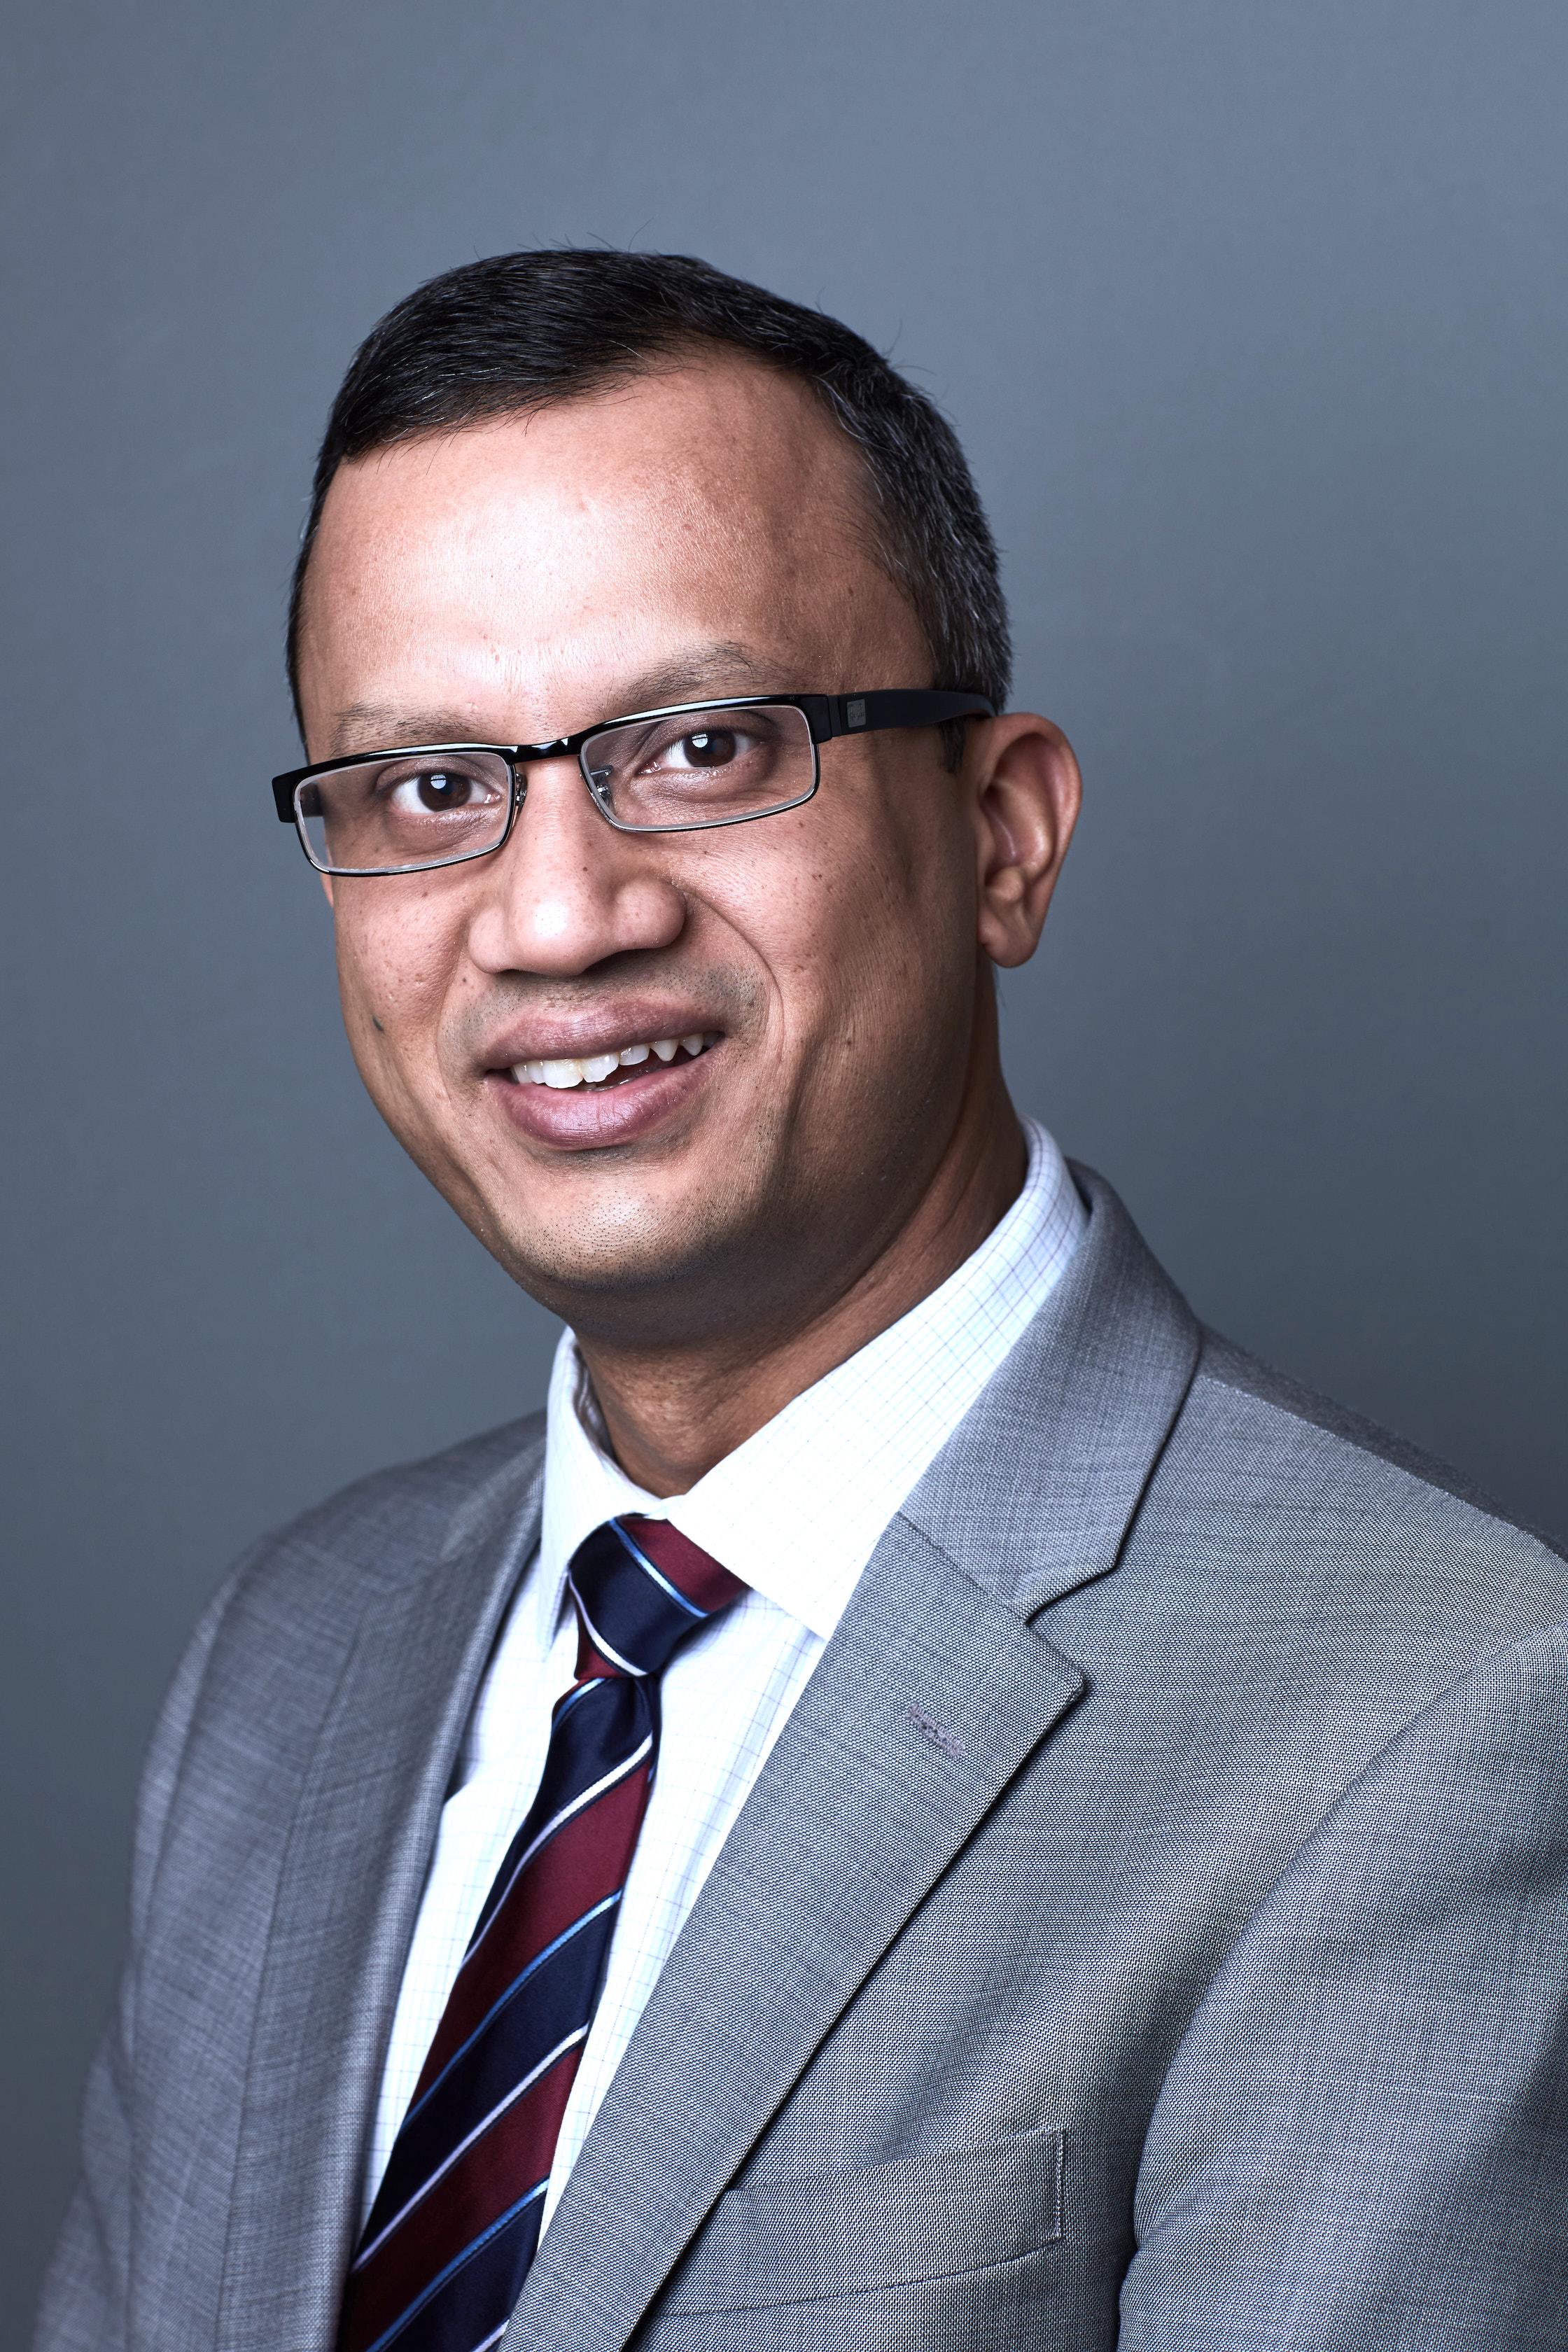 Photo of Jyotishman Pathak